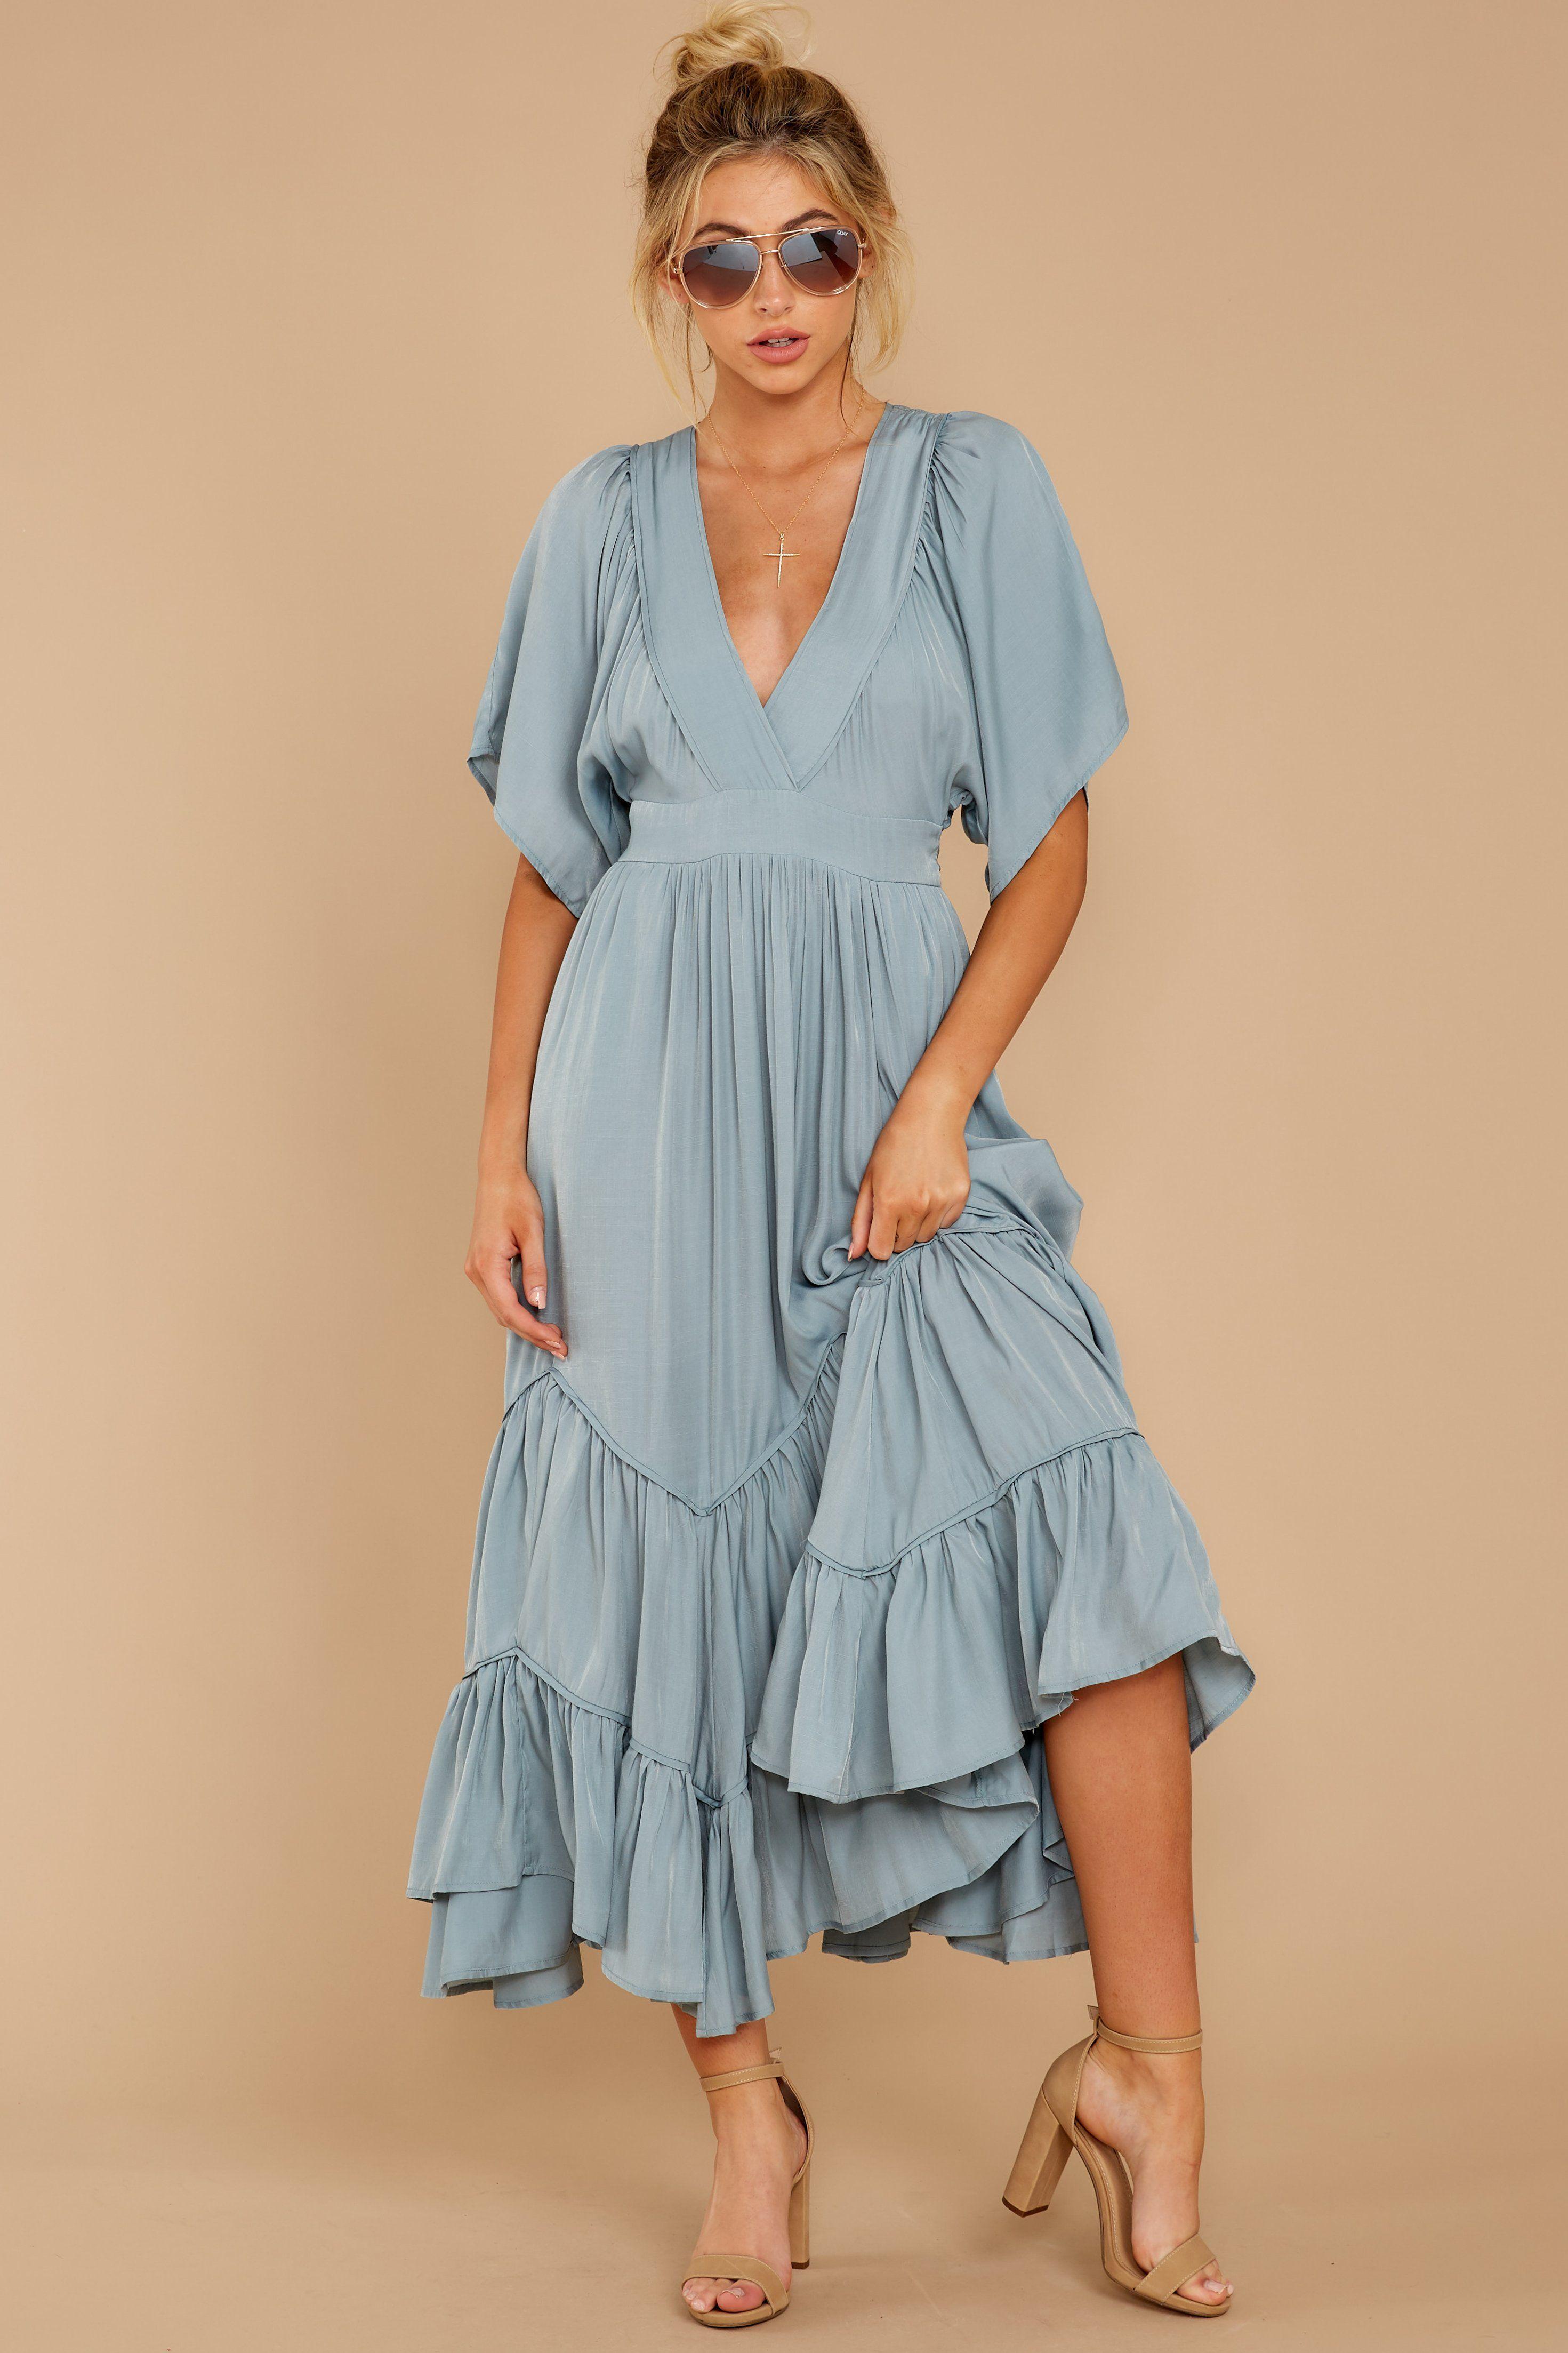 Elegant Blue Maxi Dress Short Sleeve Maxi Dress Dress 64 00 Red Dress Blue Midi Dress Casual Dresses Trendy Dresses Summer [ 4412 x 2941 Pixel ]